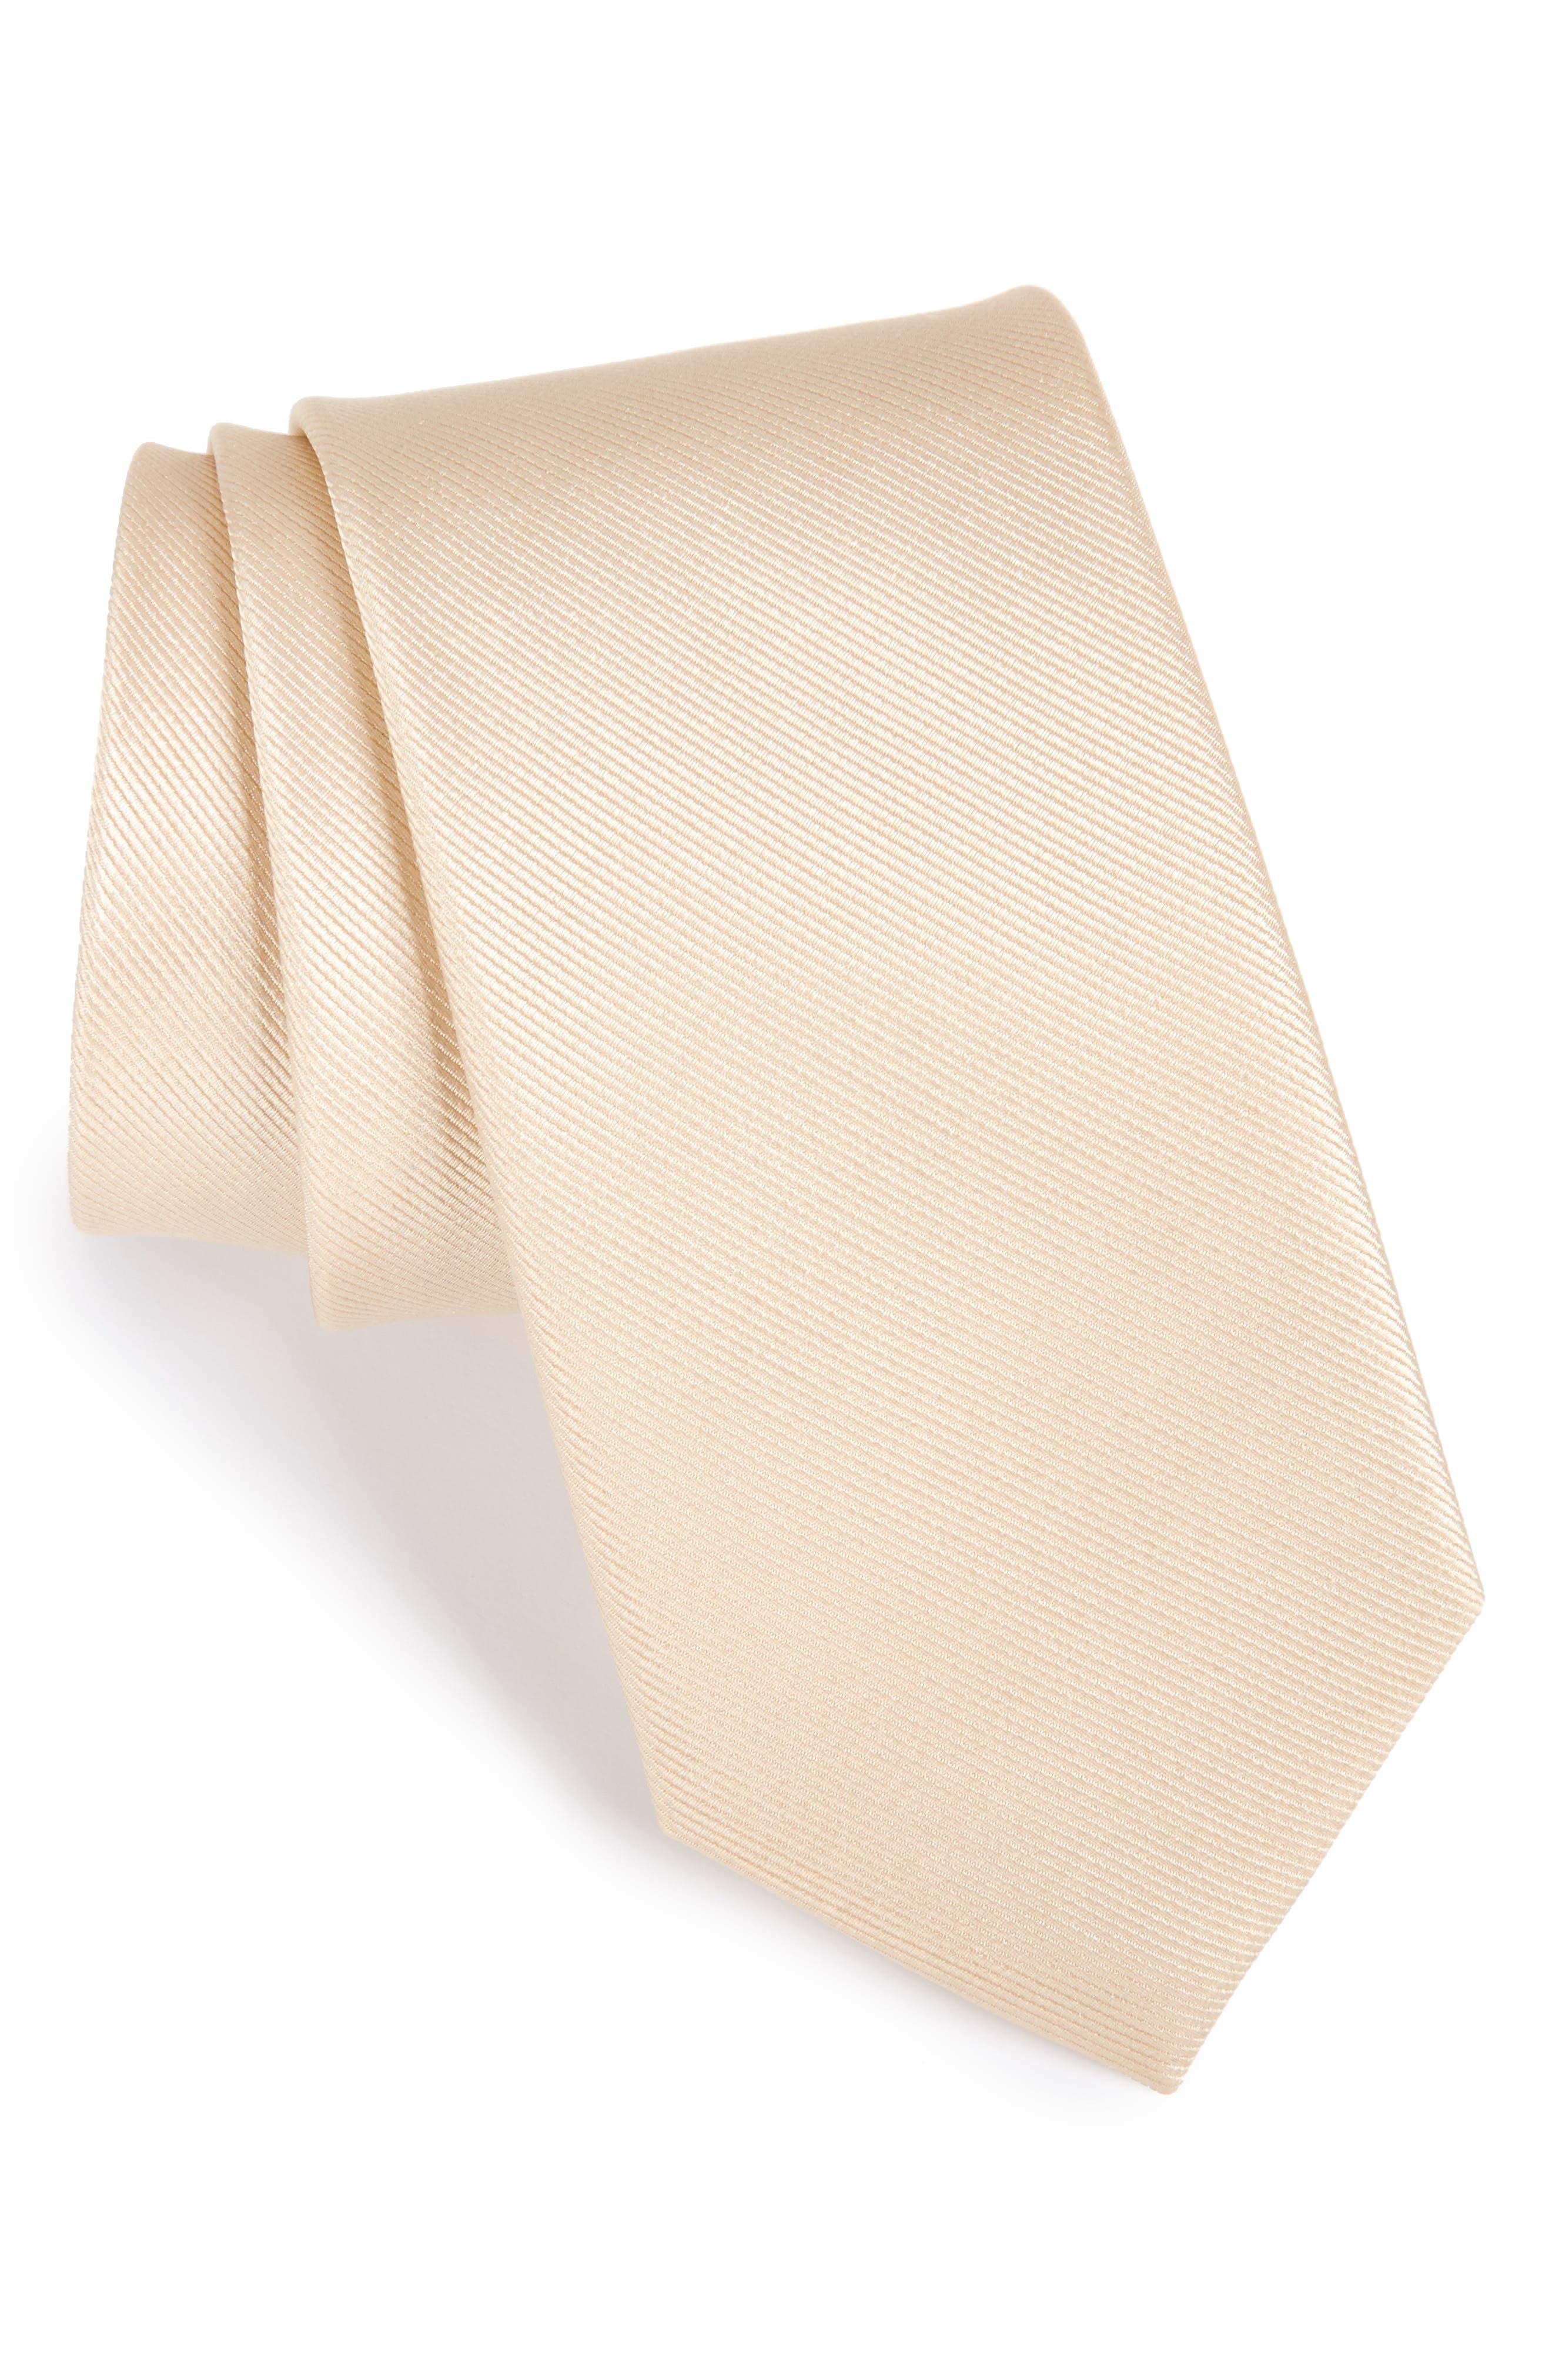 Alternate Image 1 Selected - The Tie Bar Grosgrain Silk Tie